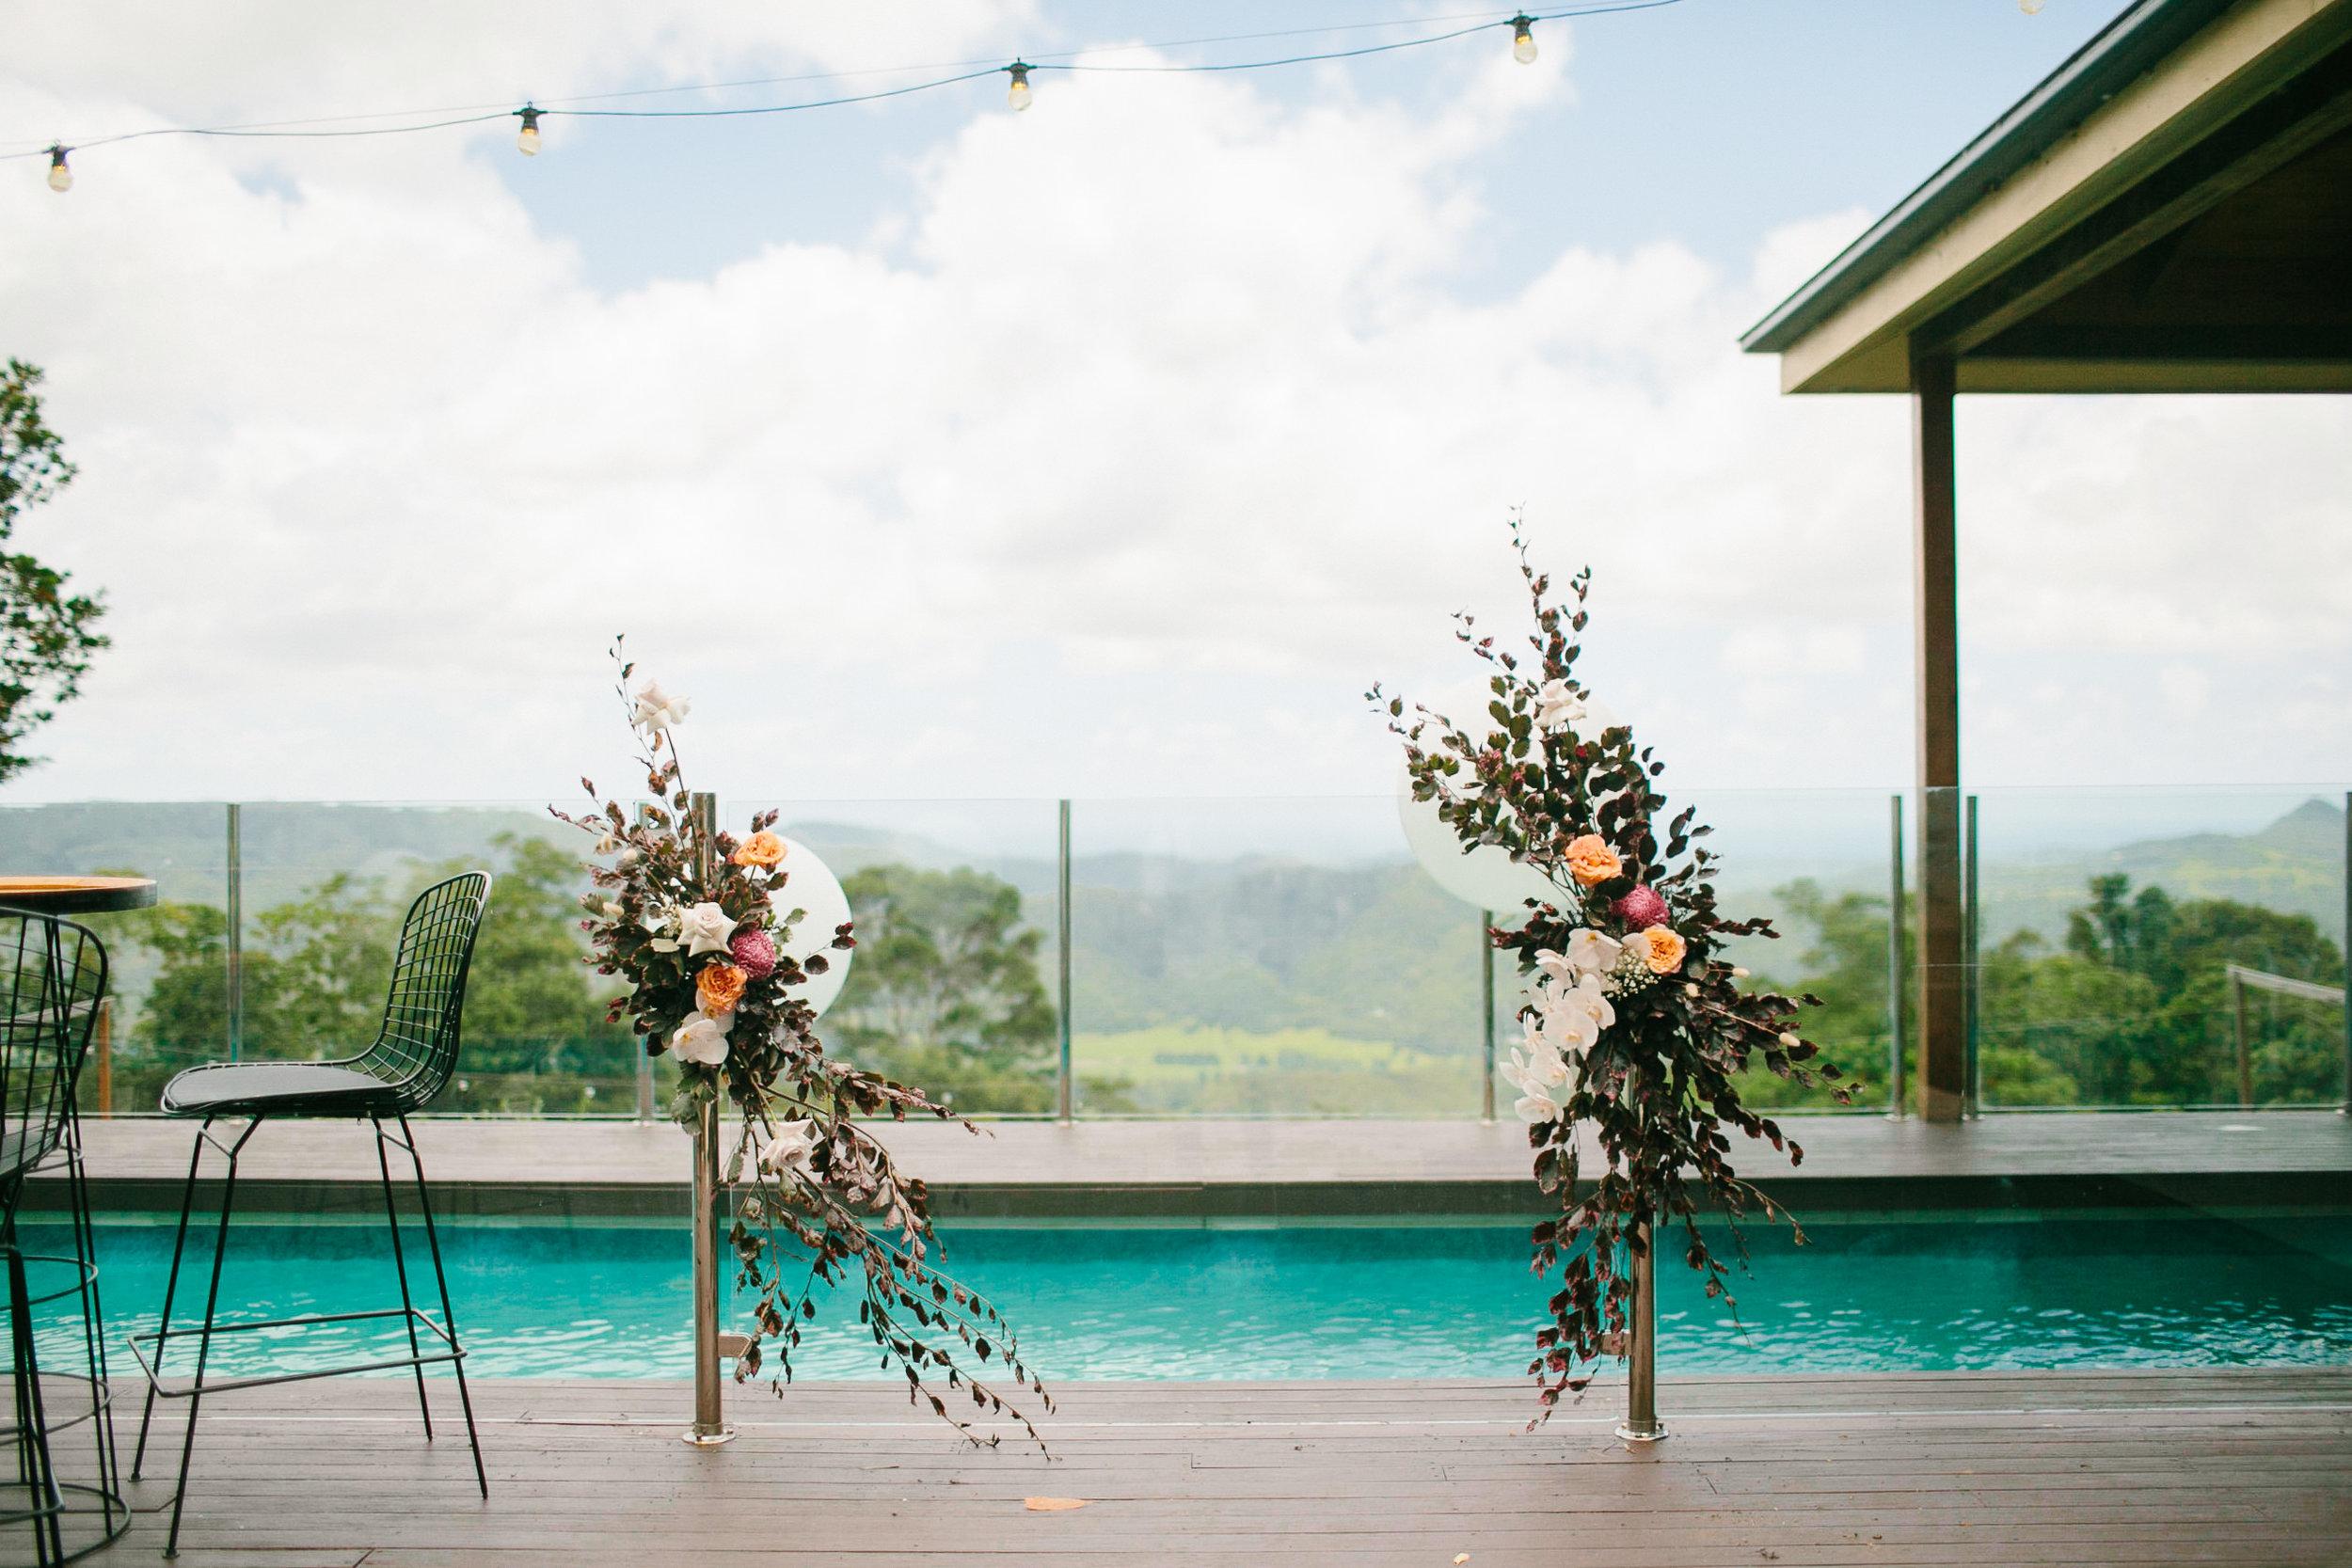 Bloodwood Botanica | Floral fence